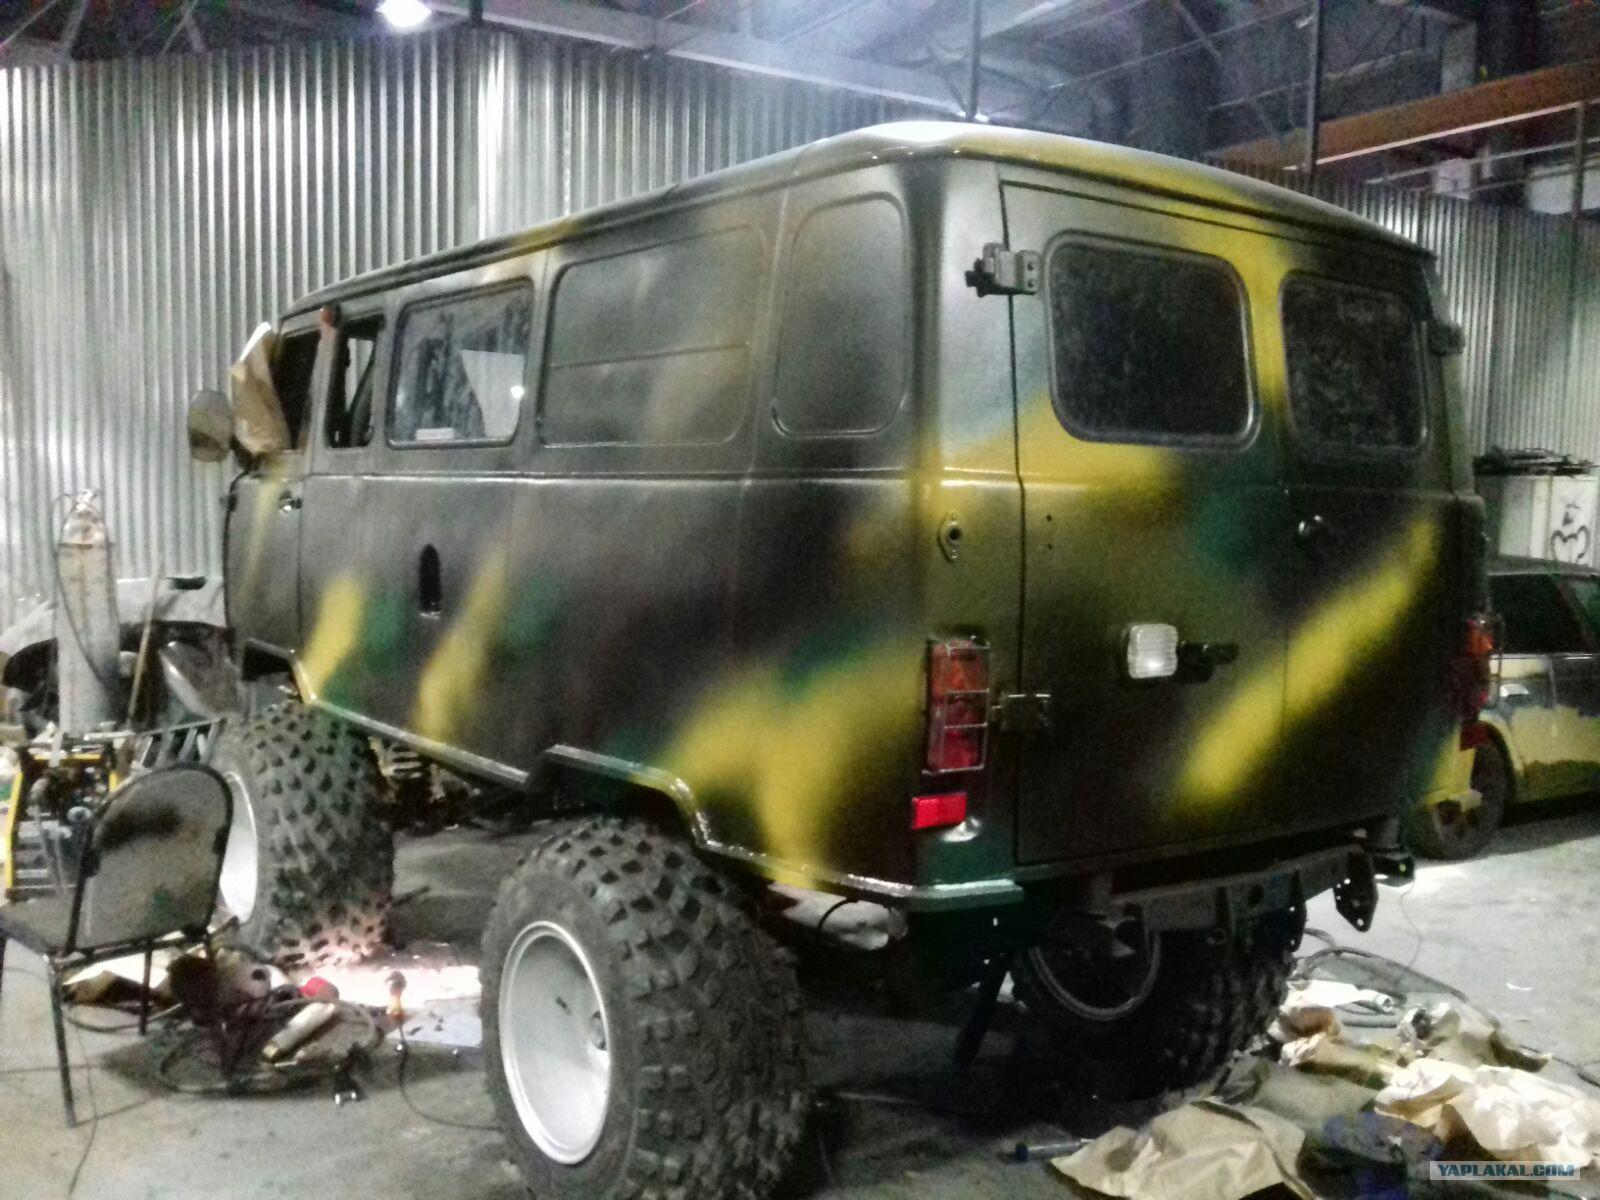 Покраска УАЗа в камуфляж своими руками - Ремонт и тюнинг кузова 100